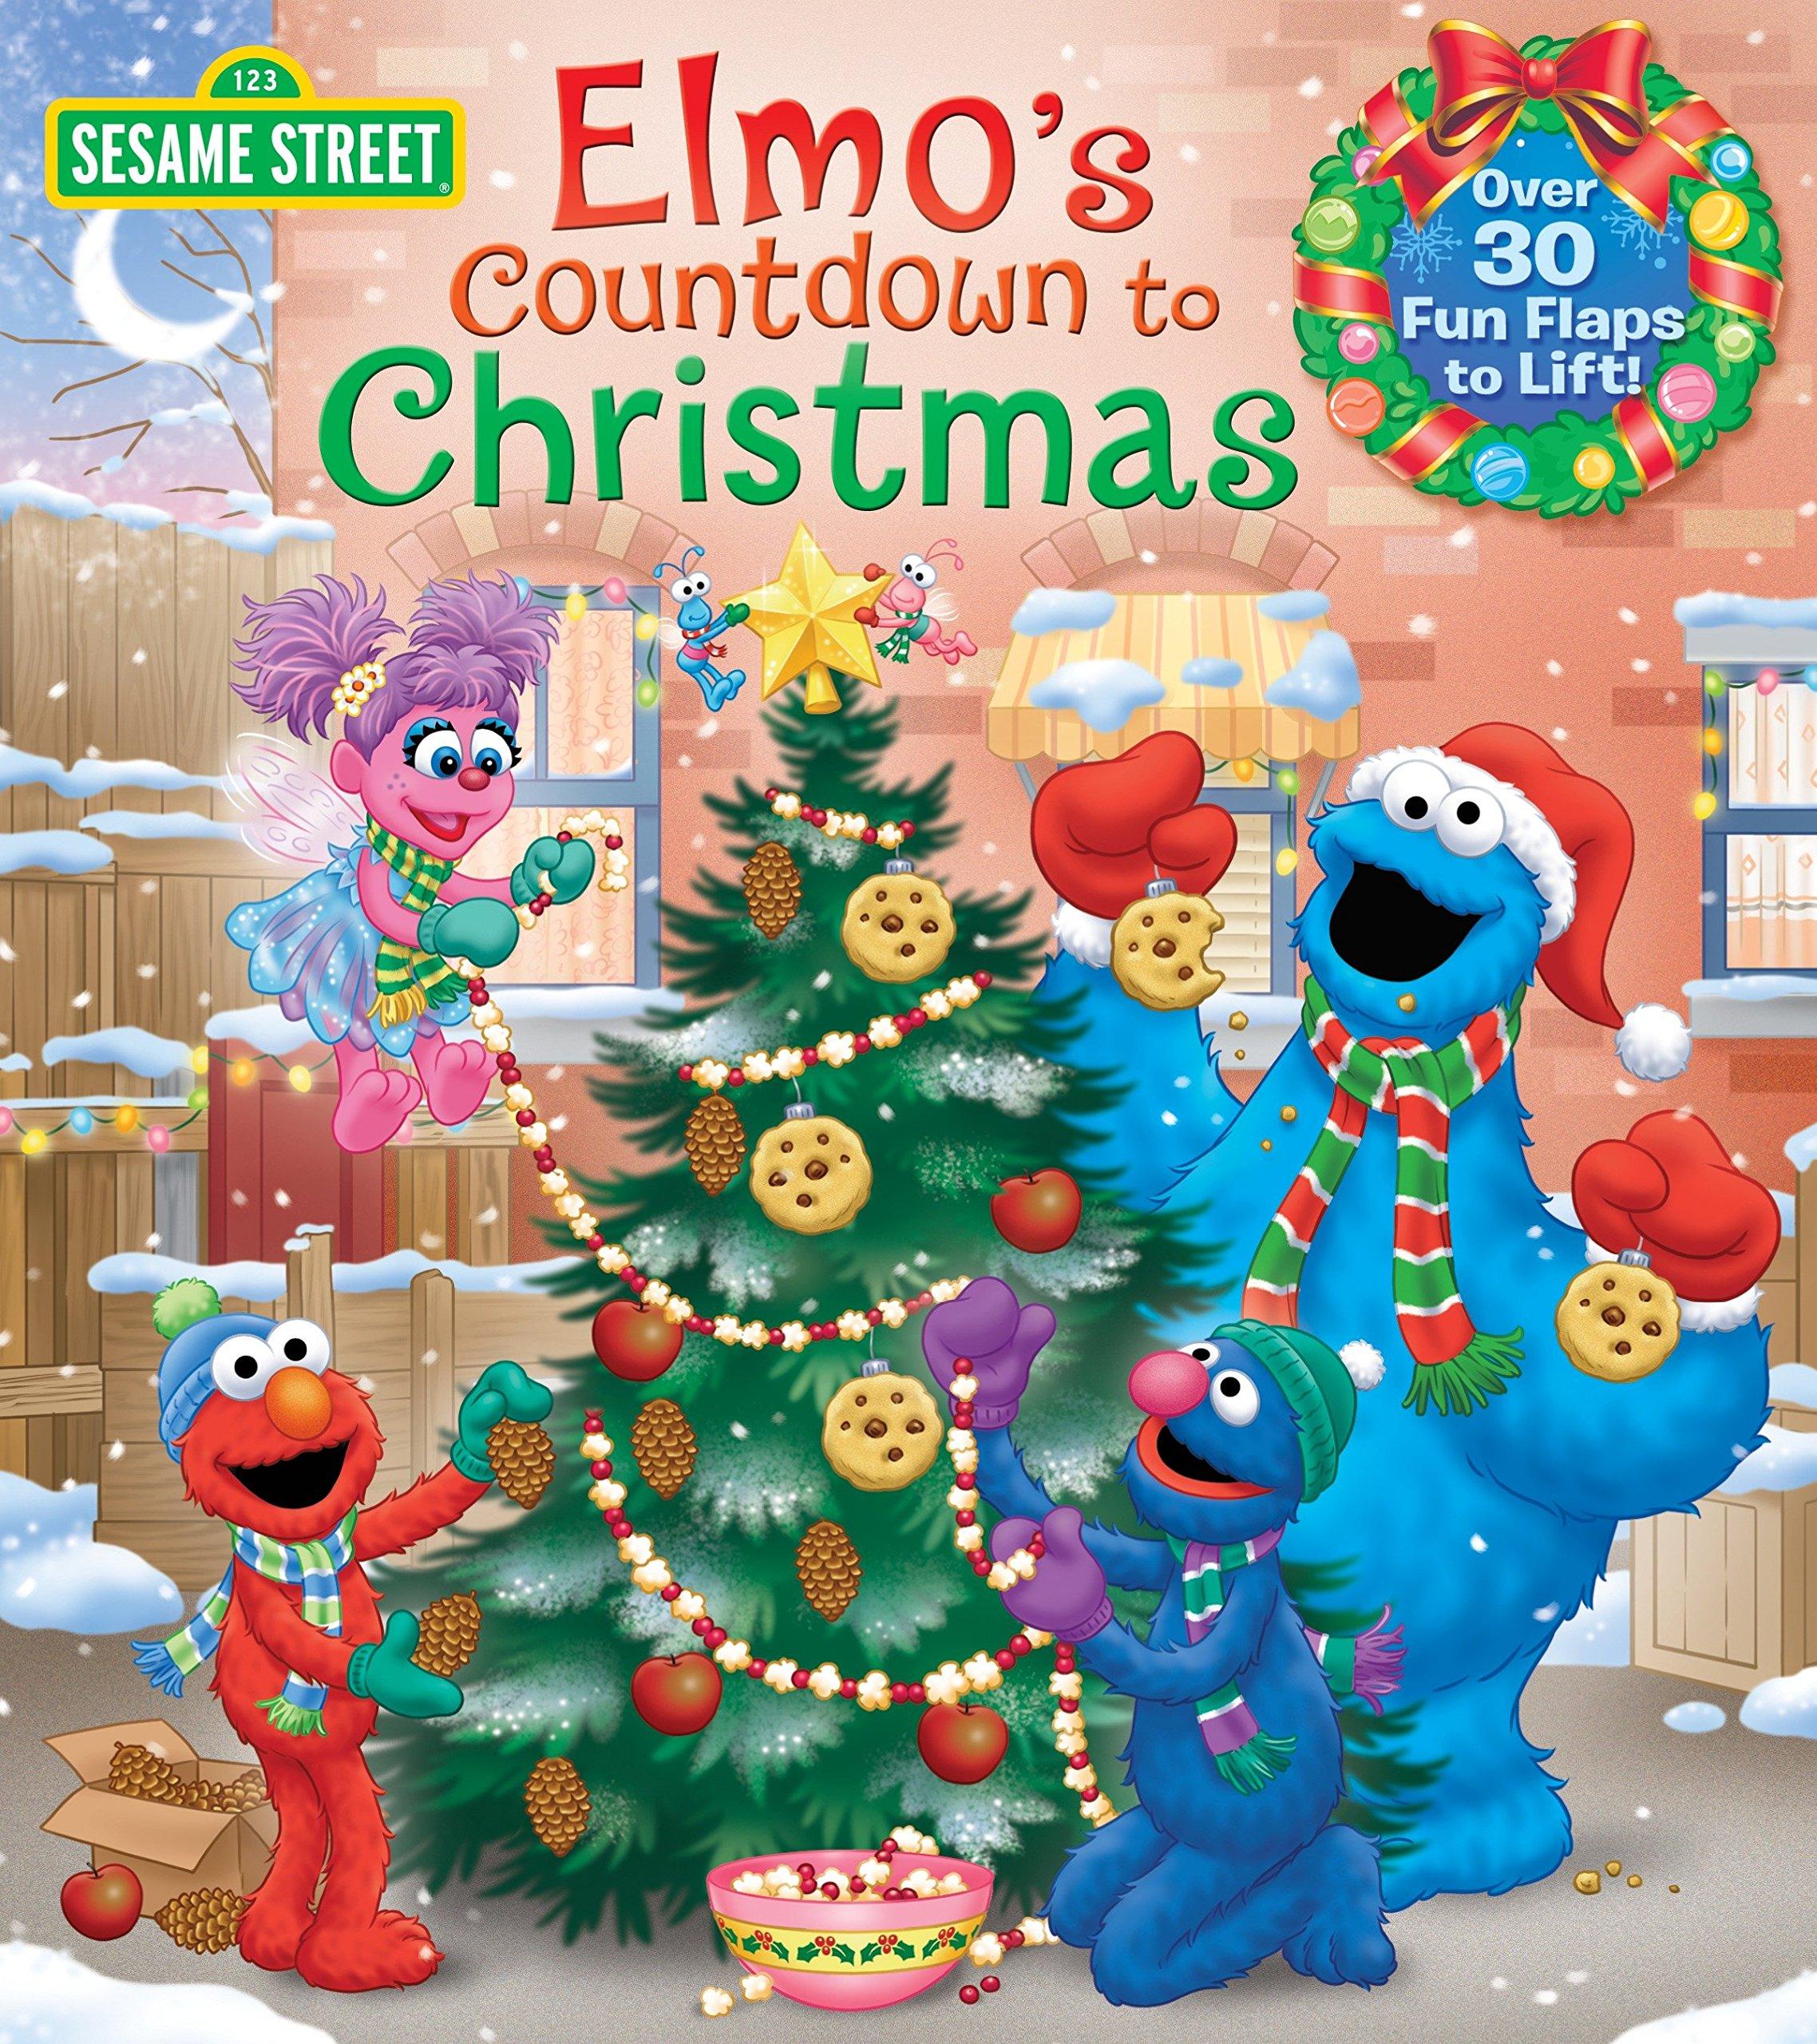 Amazon Com Elmo S Countdown To Christmas Sesame Street Lift The Flap 9780399552137 Kleinberg Naomi Brannon Tom Books